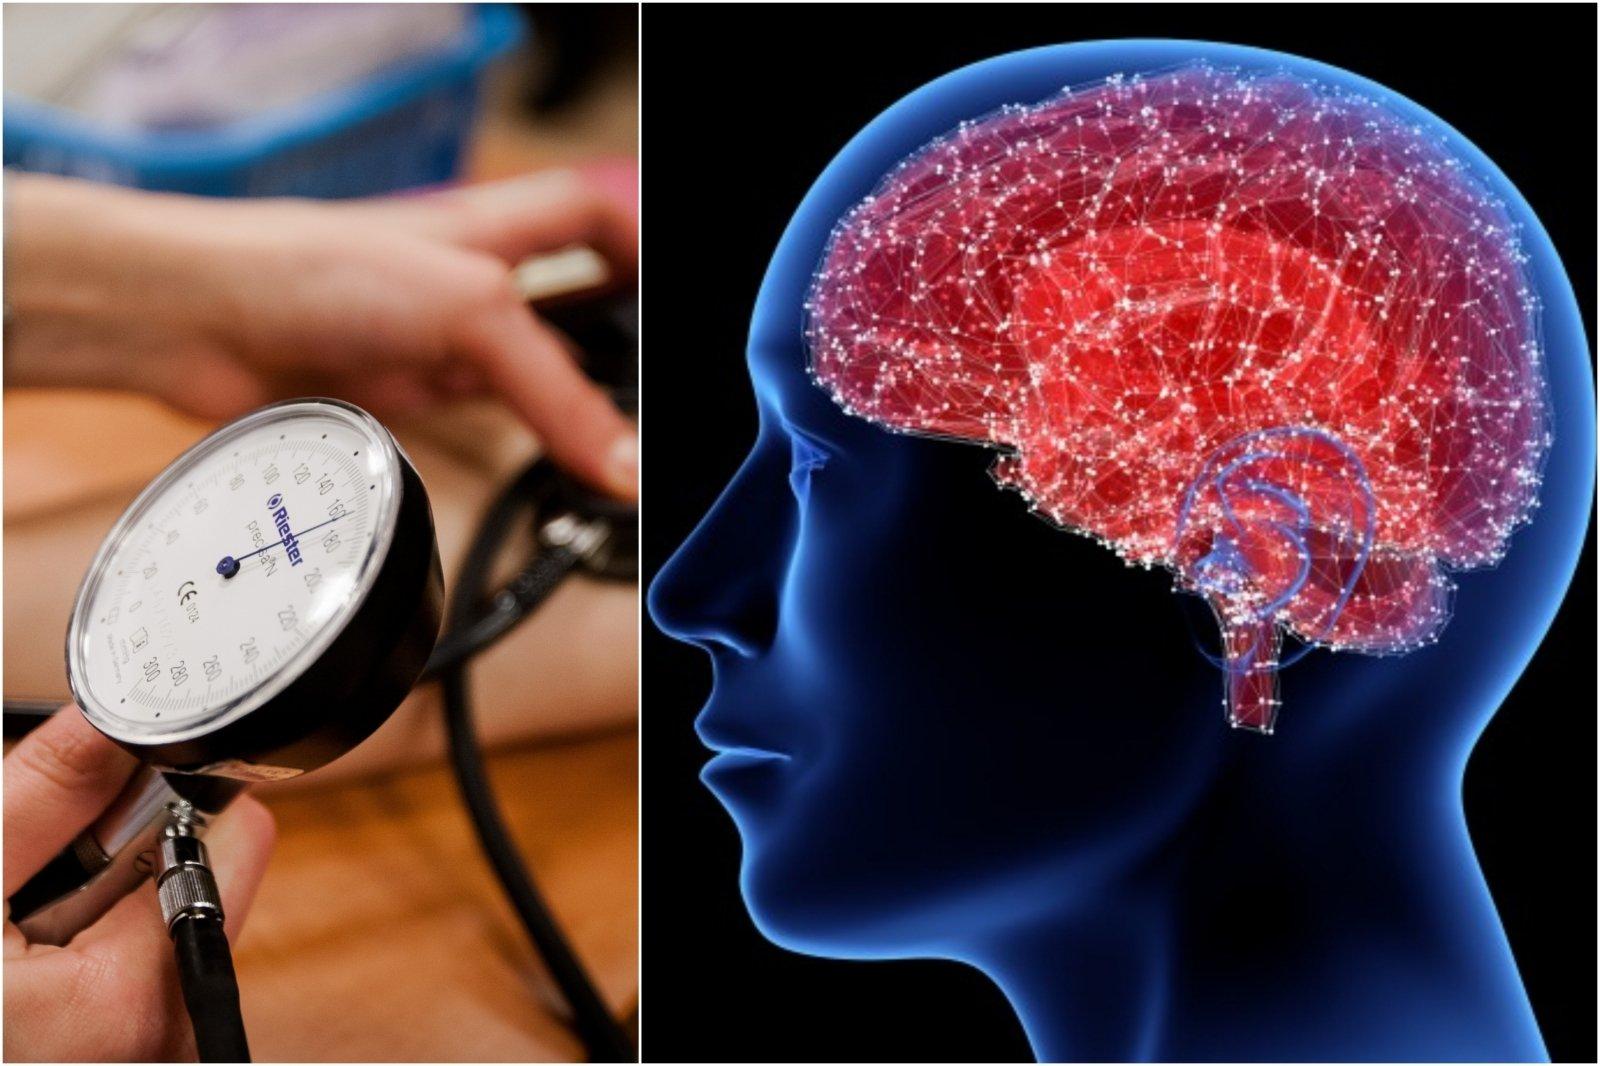 kaip sužinoti, ar hipertenzija)